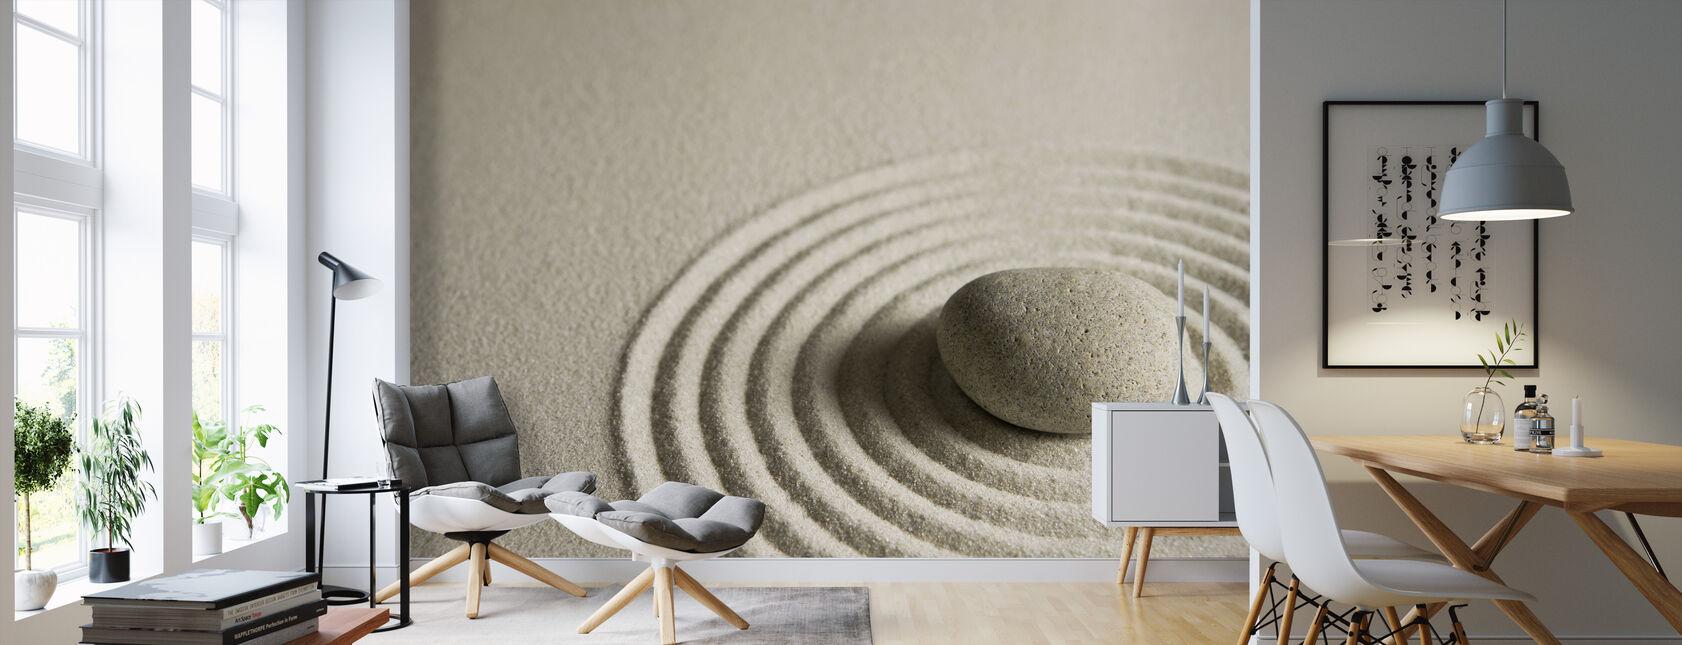 Zen Stone - Wallpaper - Living Room